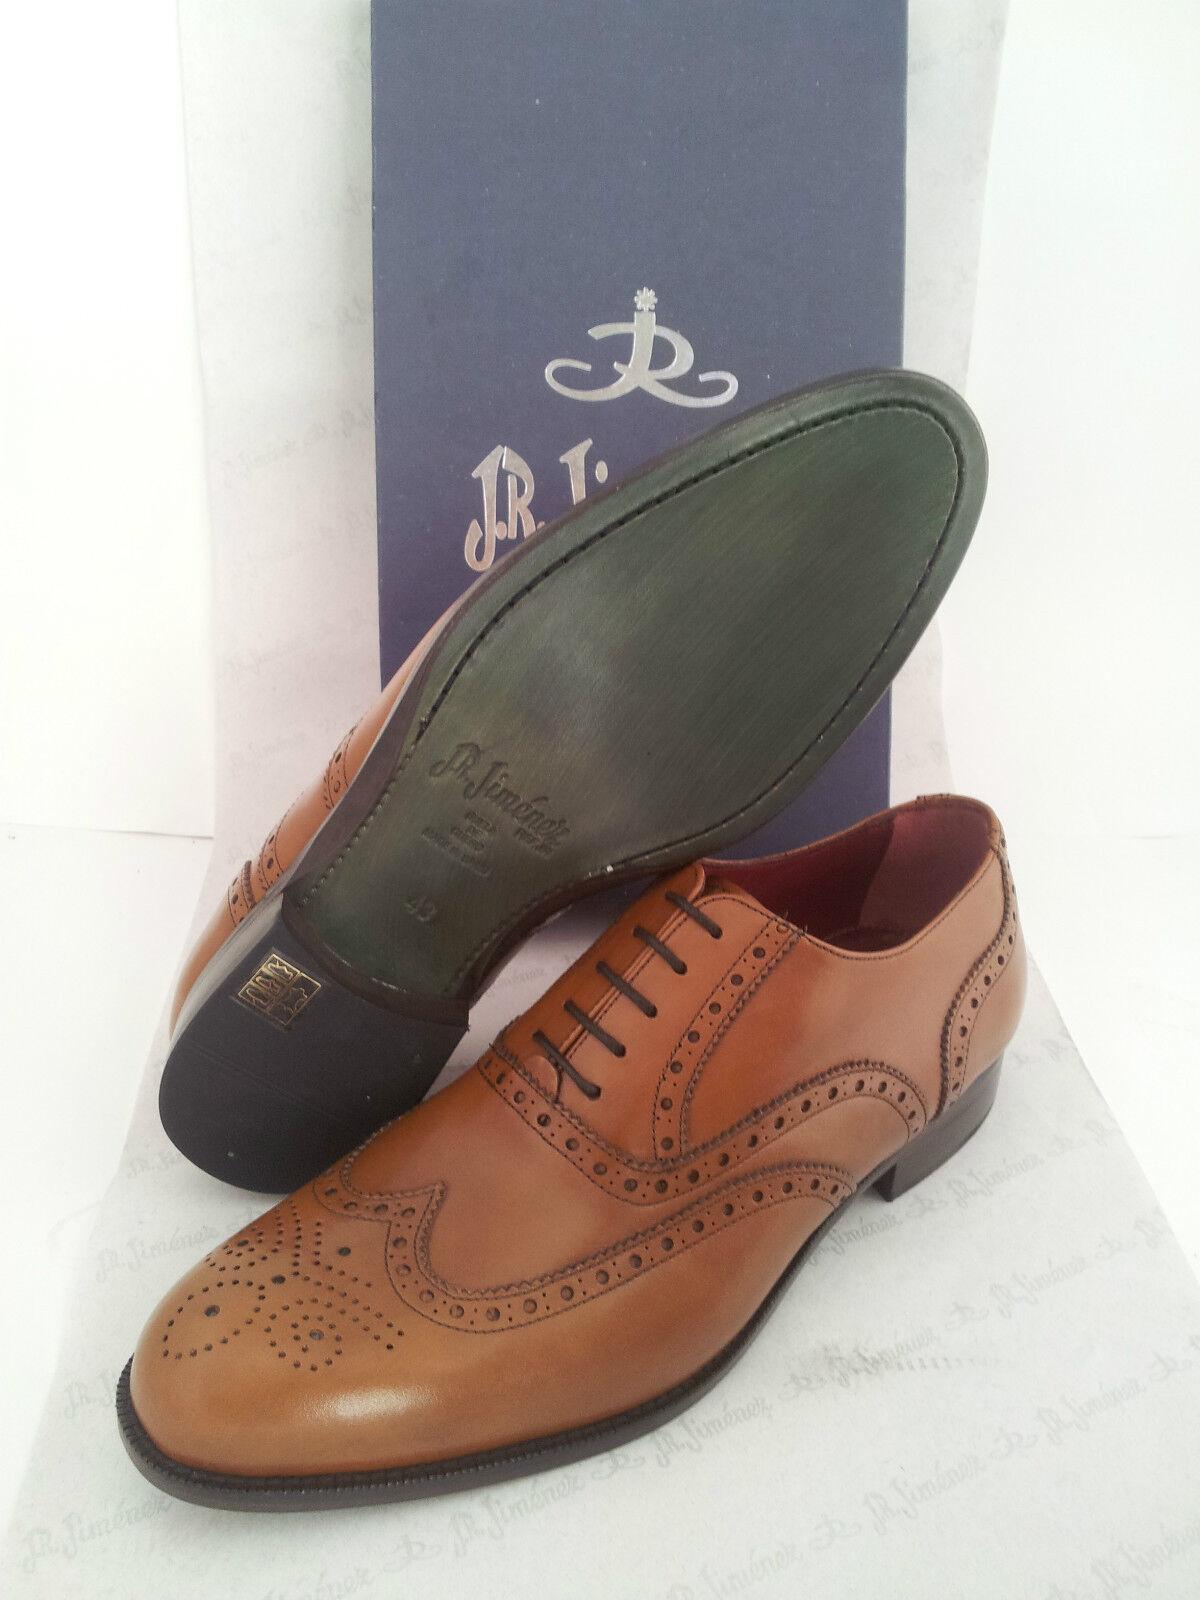 Herren Business Schuhe 39 Budapester Echtleder Gr. 39 Schuhe 40 41 42 43 44 45 46 Spanien a6ccfa